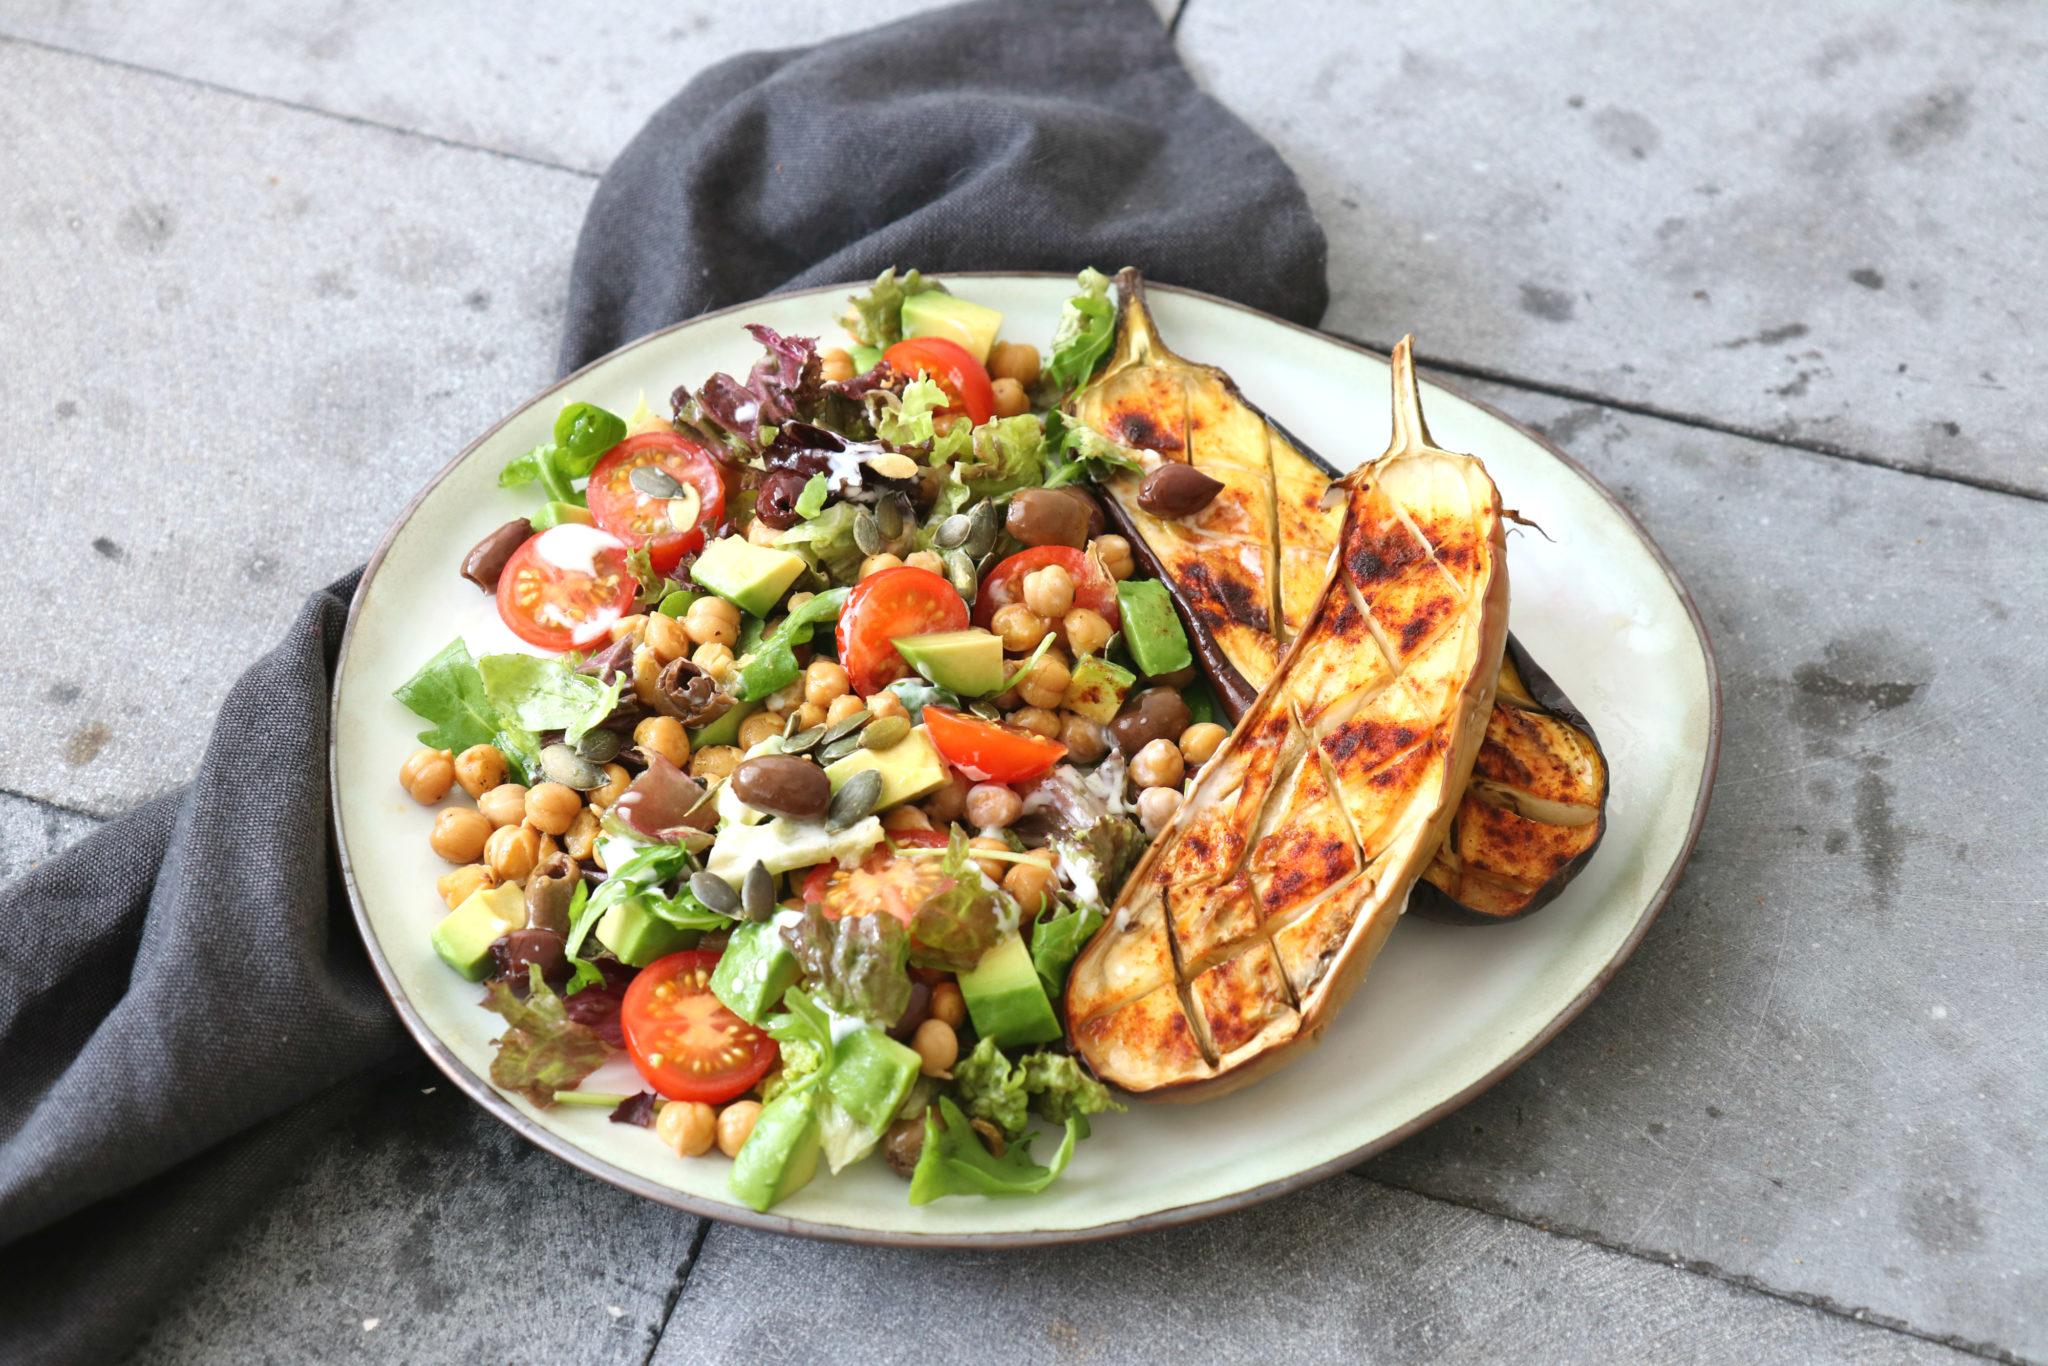 Salade met gegrilde aubergine www.jaimyskitchen.nl